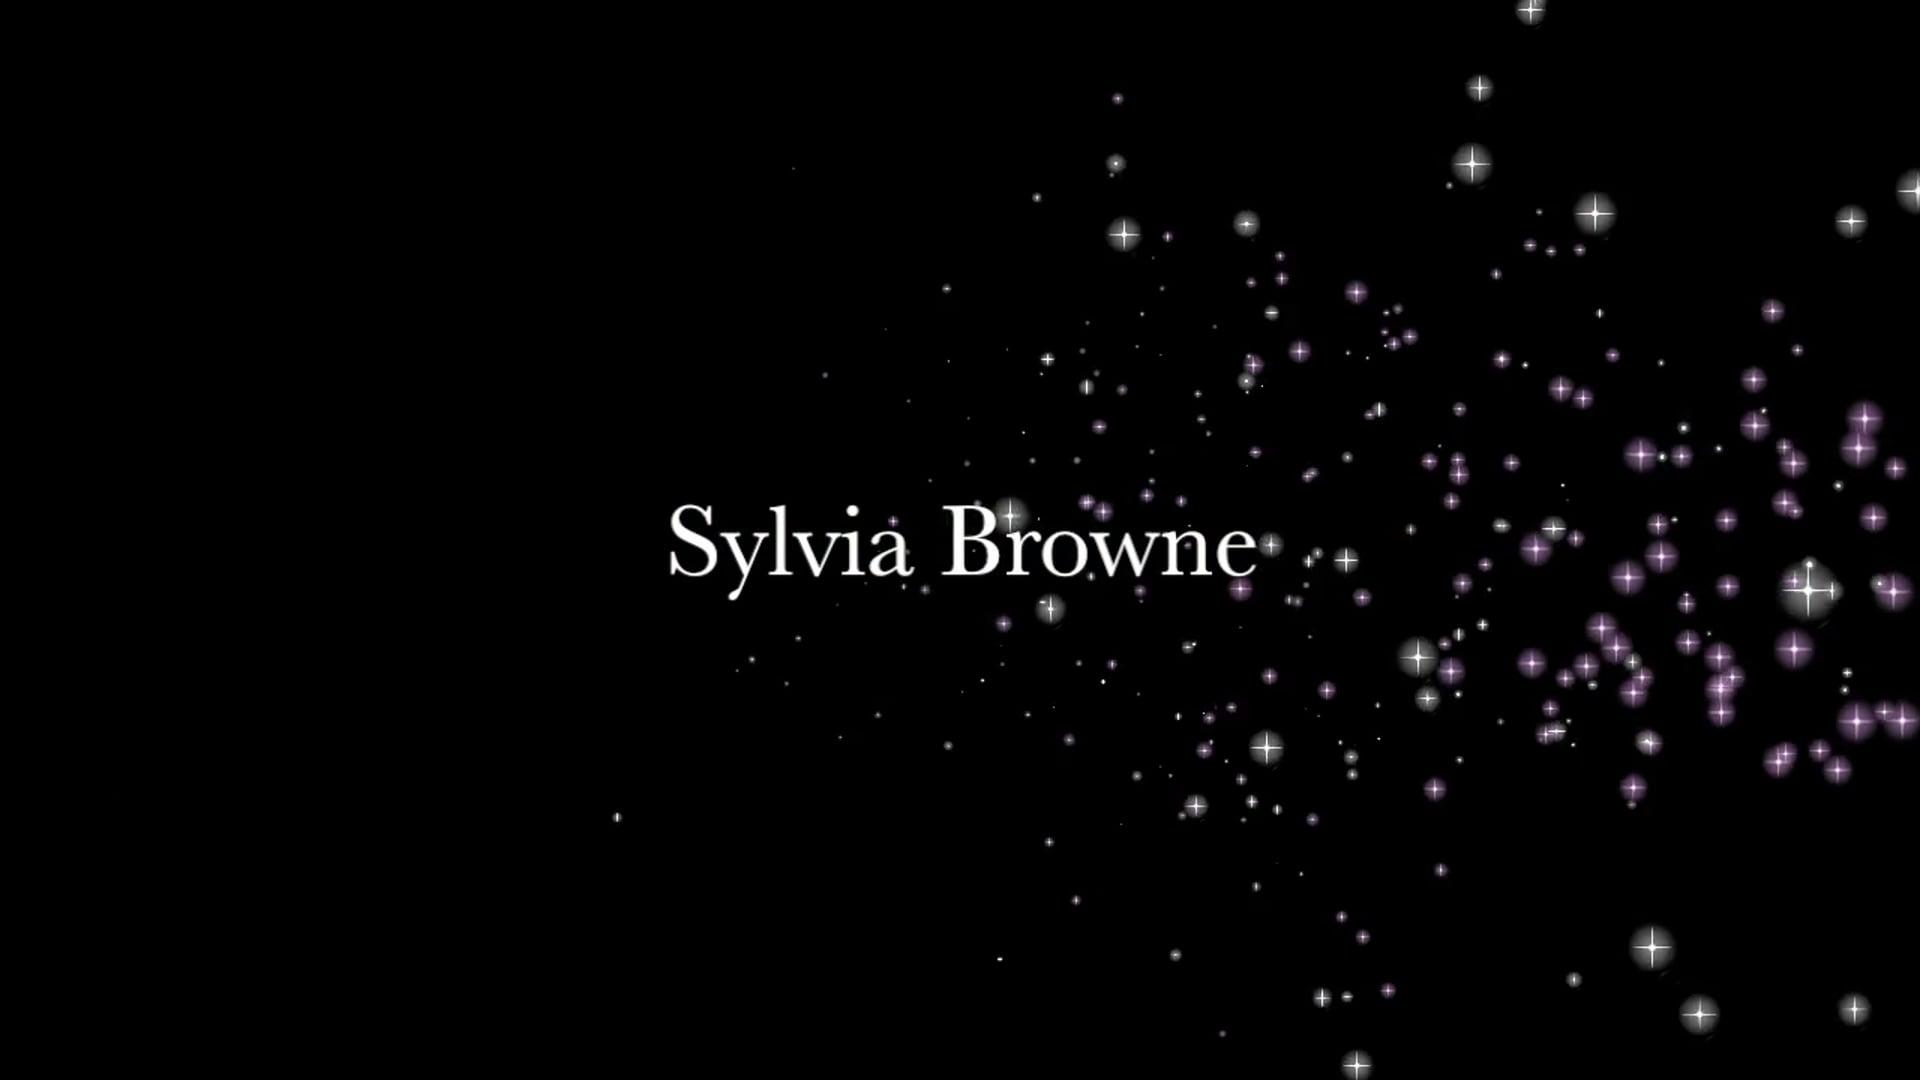 Sylvia Browne Remembered